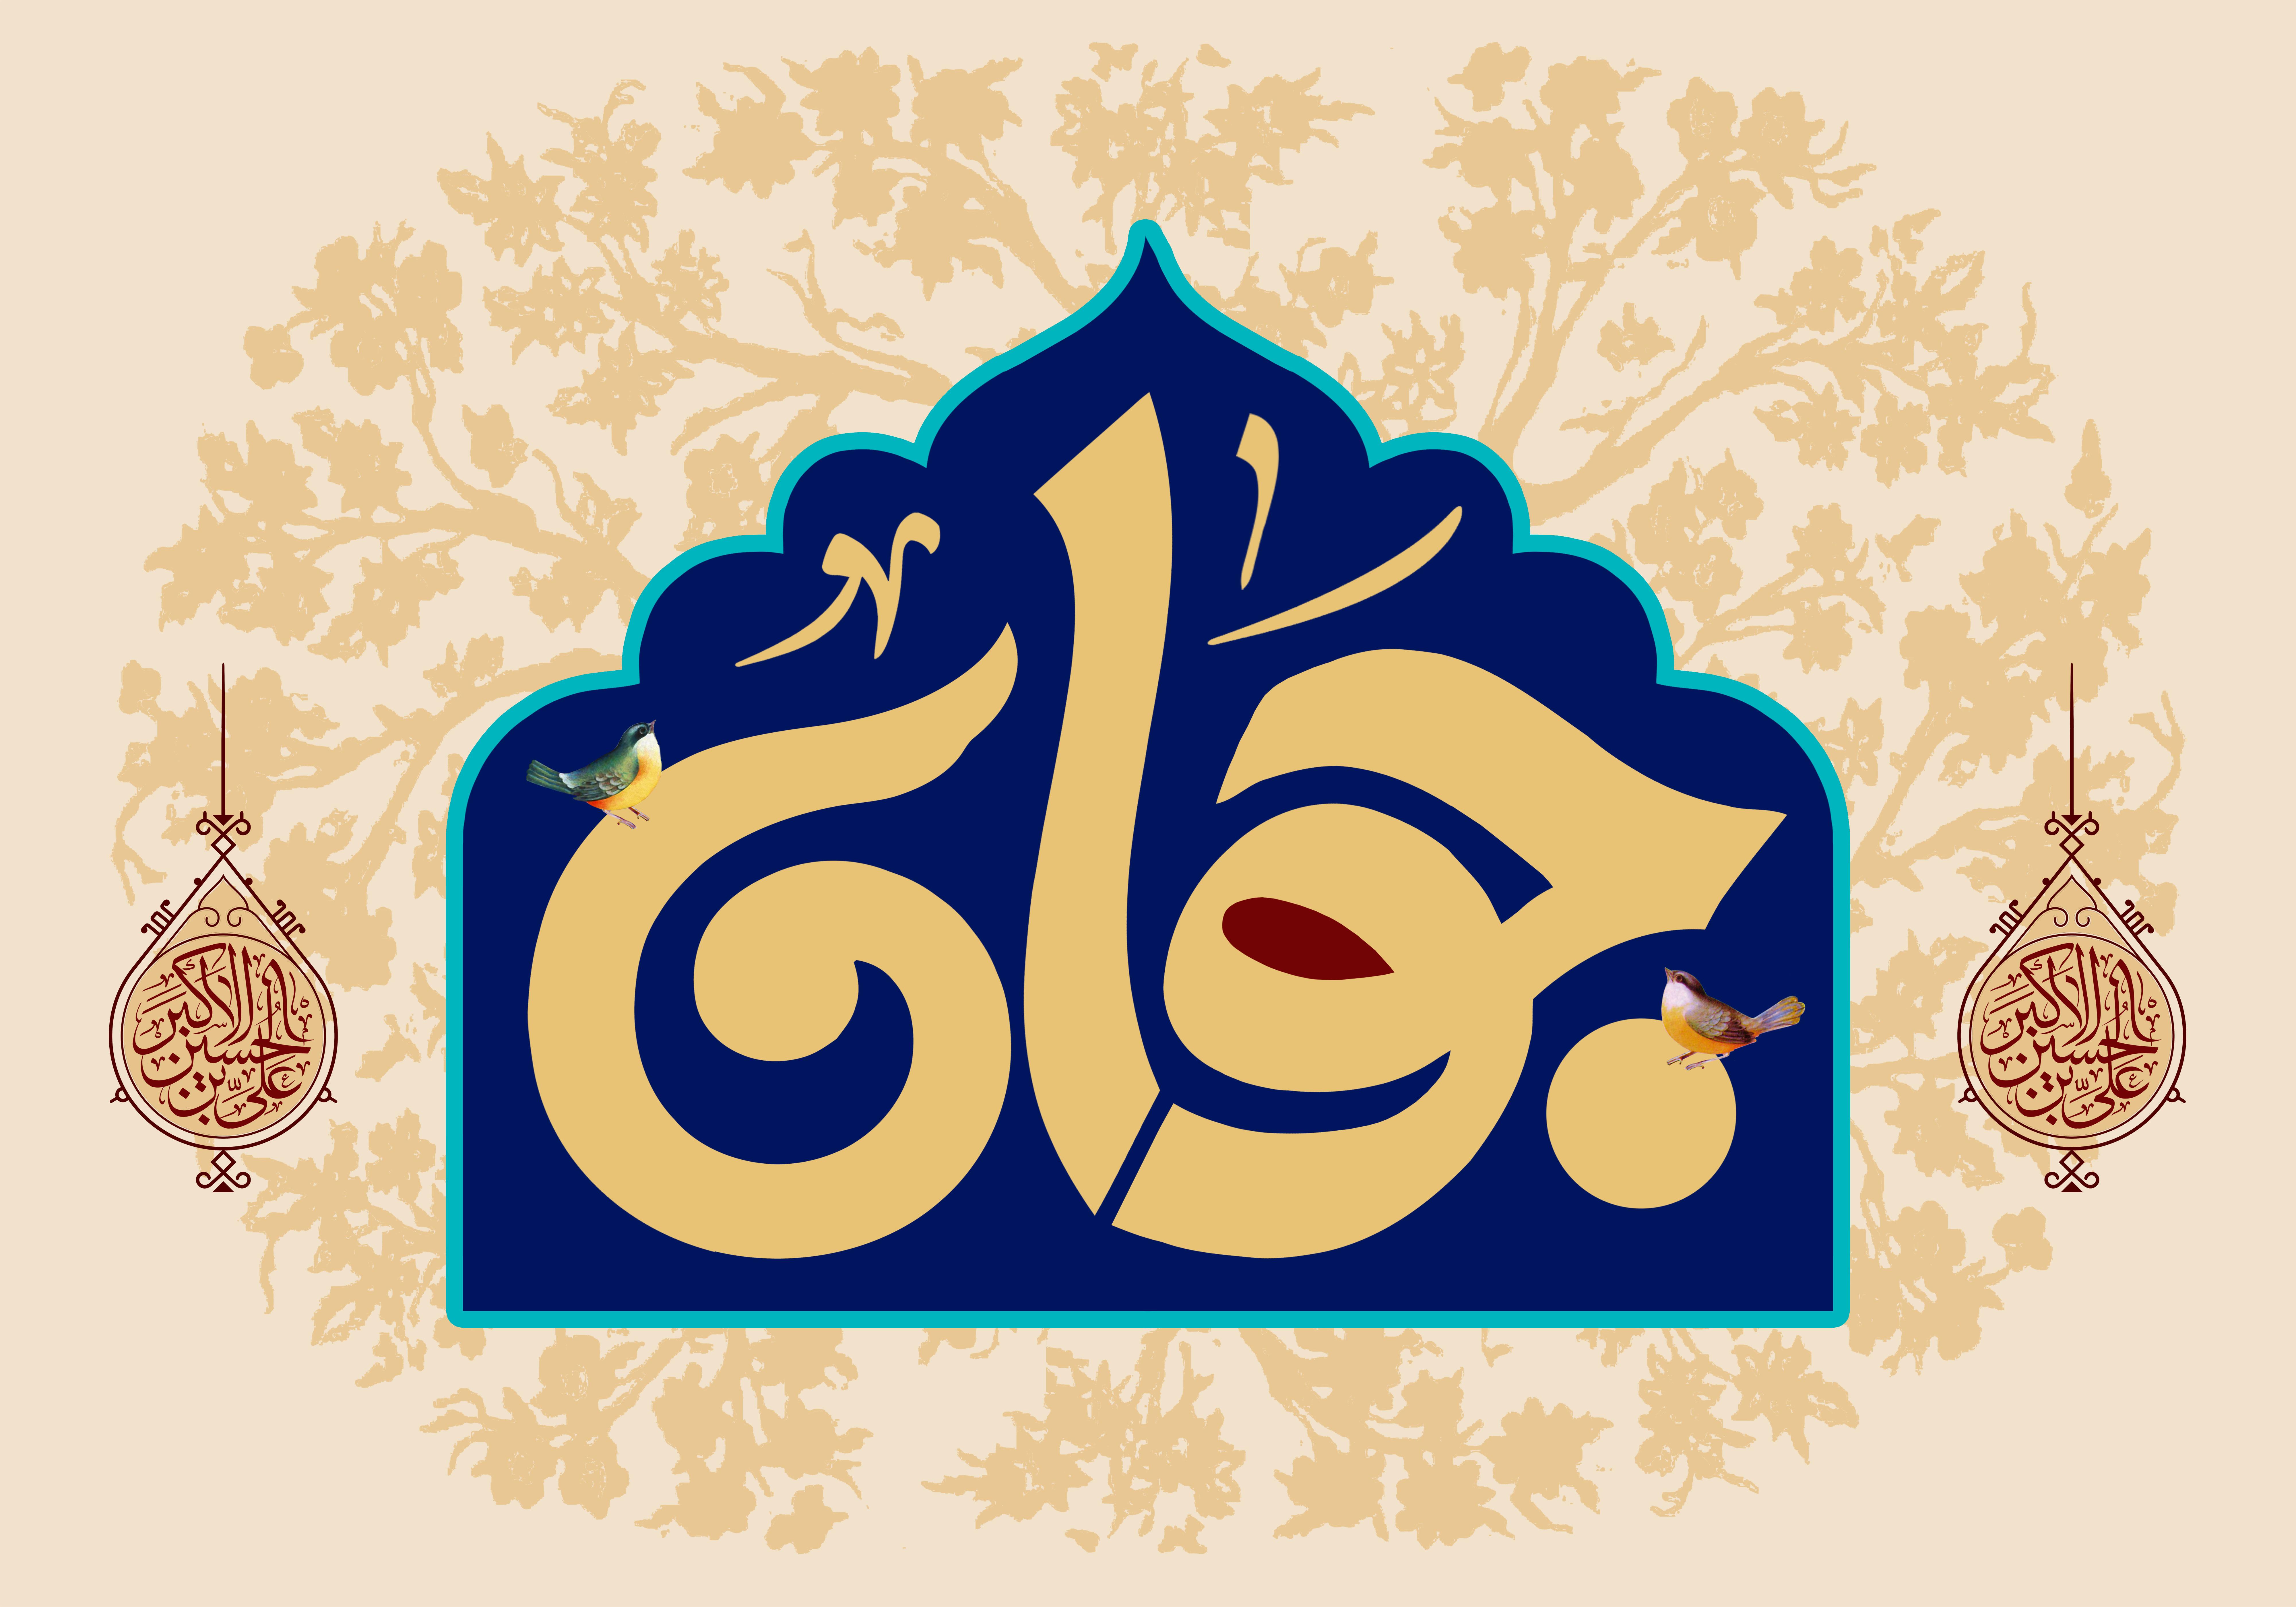 پوستر ولادت حضرت علی اکبر علیه السلام و روز جوان